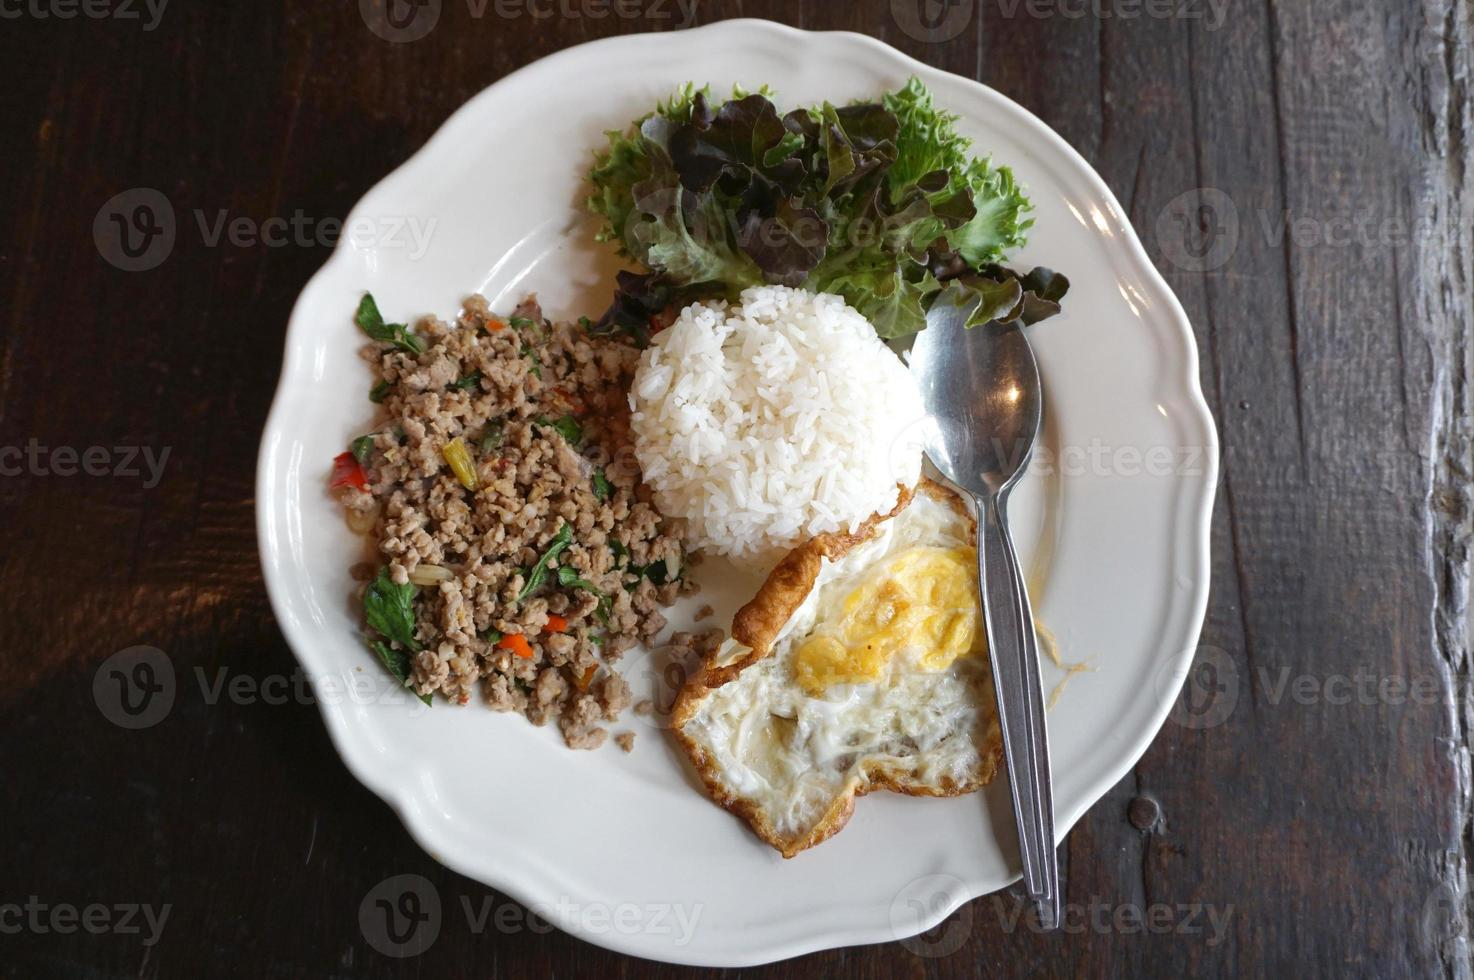 basilic de porc haché et œuf au plat avec riz blanc photo